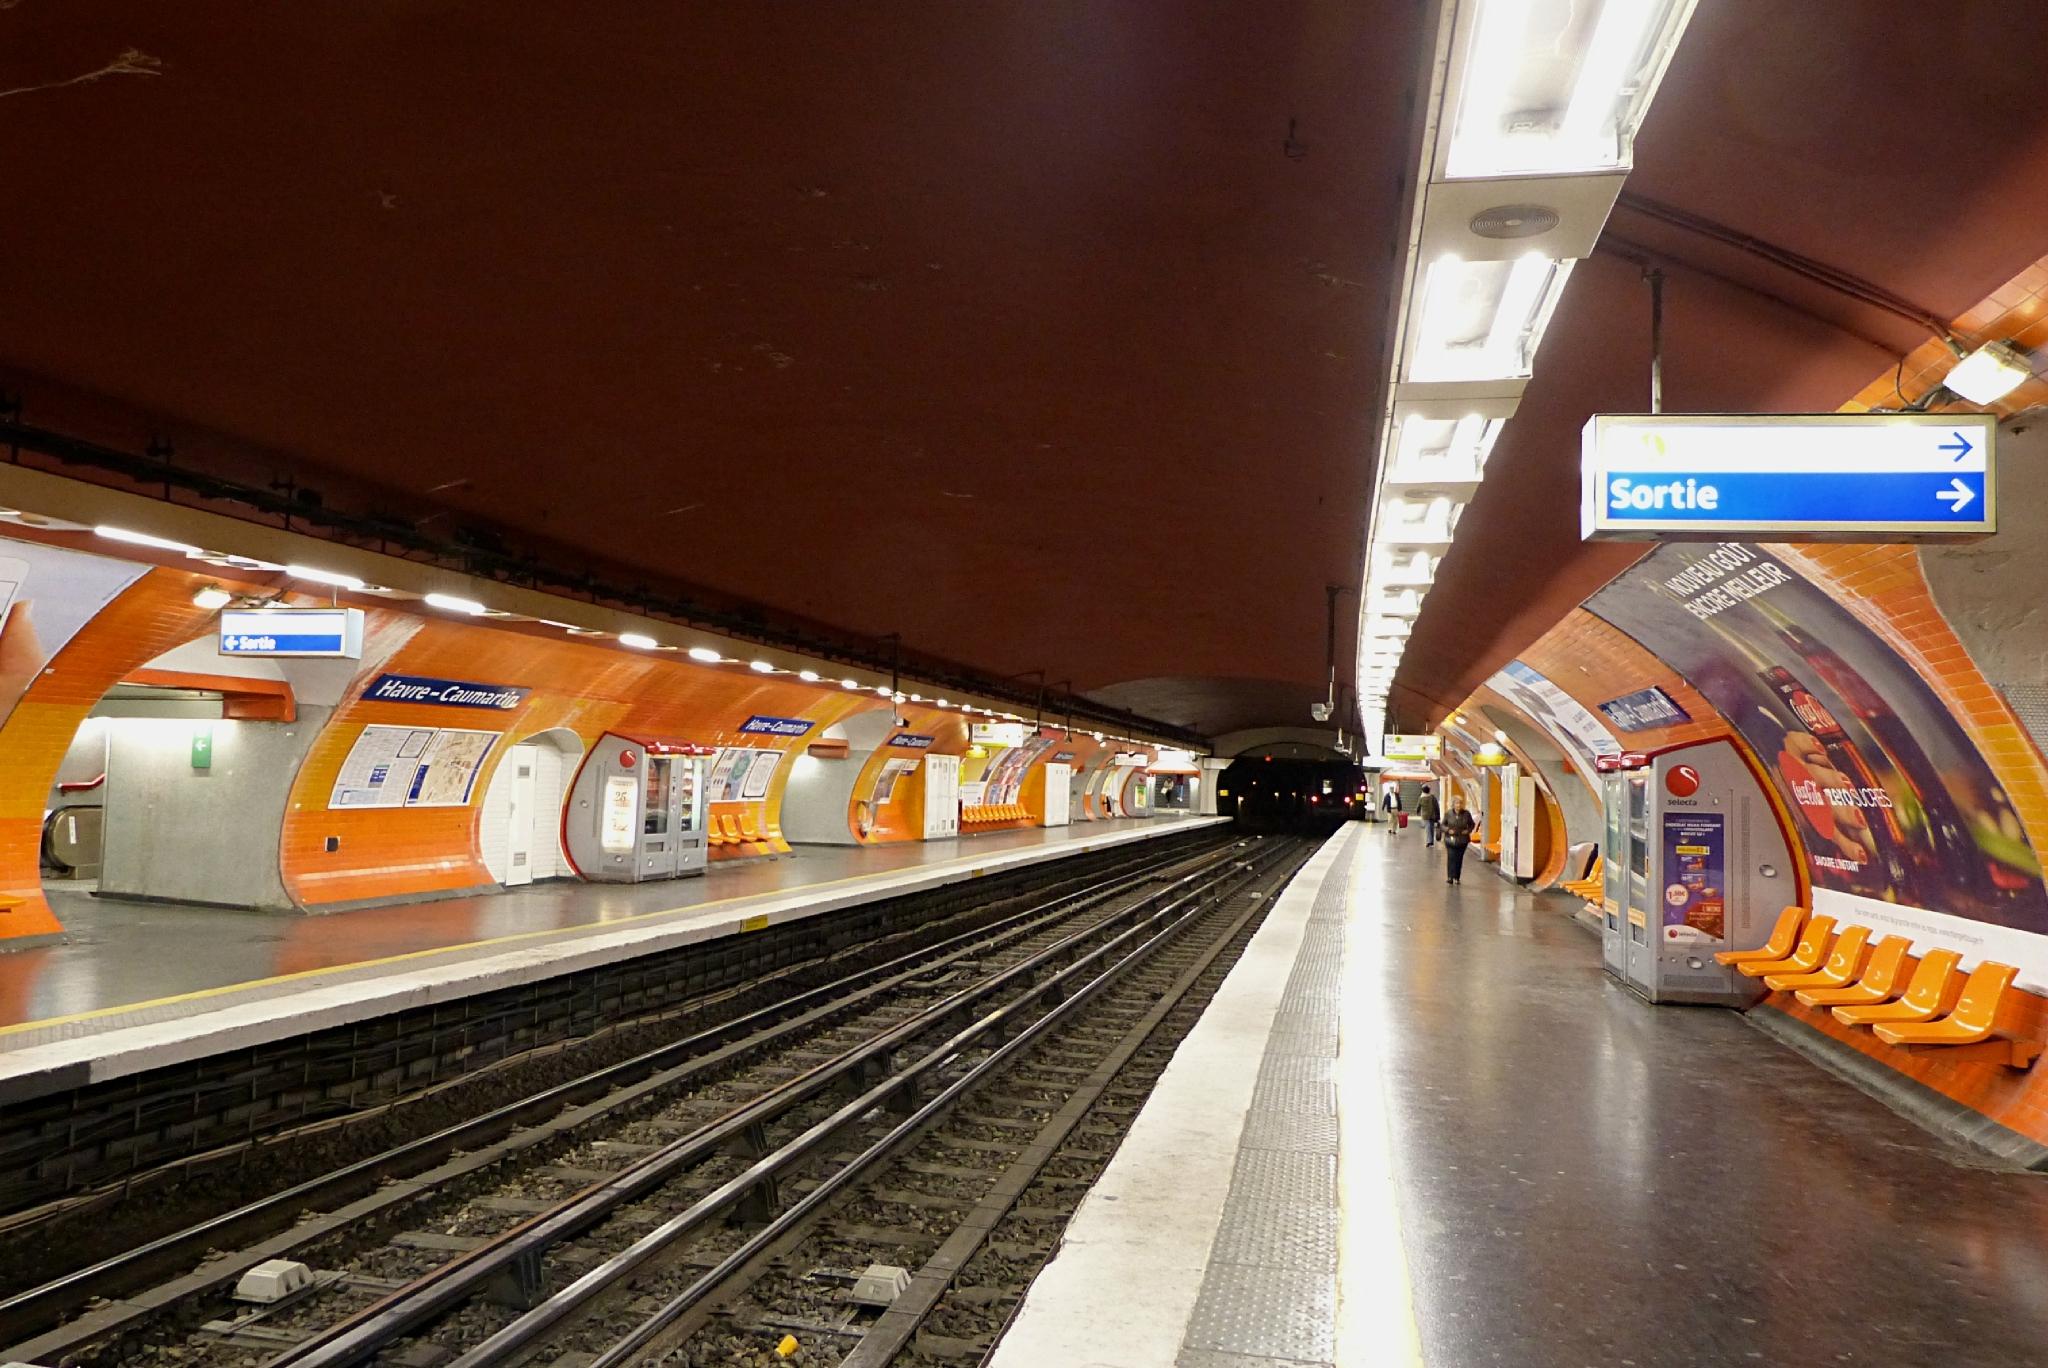 Plaque Metro Parisien Deco métro parisien : de la décoration au design - transportparis